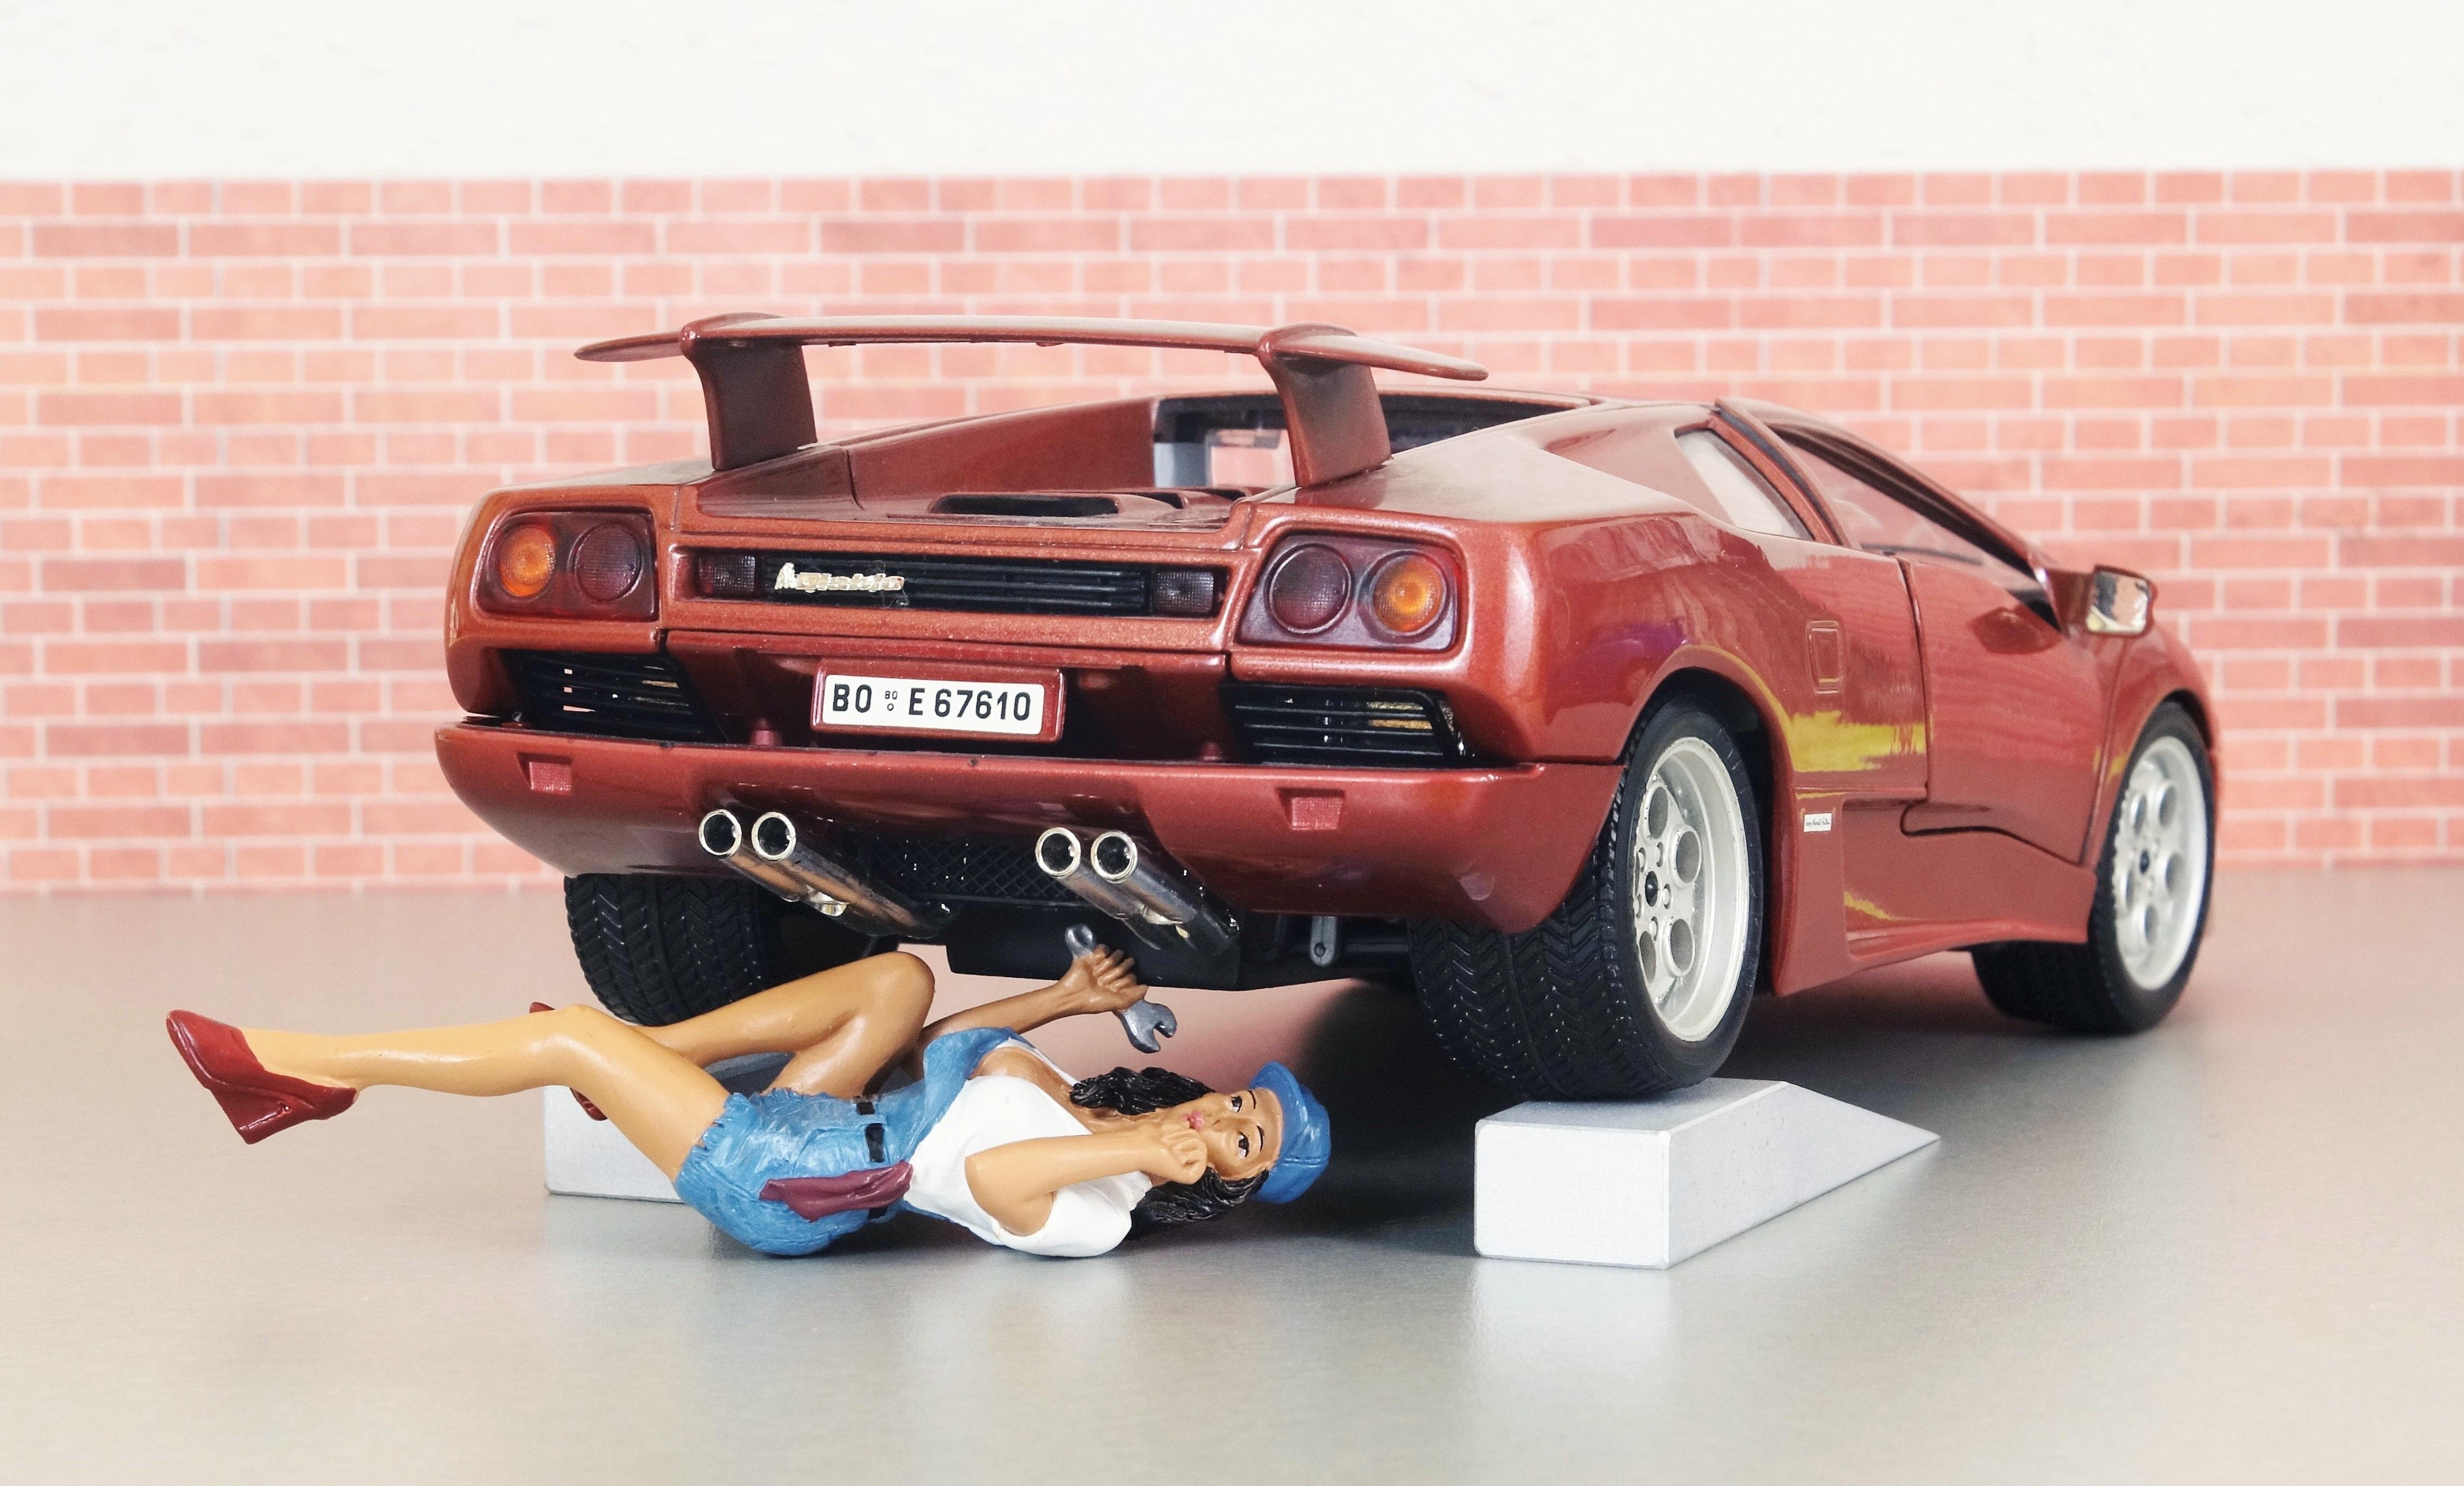 kostenloses foto zum thema auto automobil autopanne